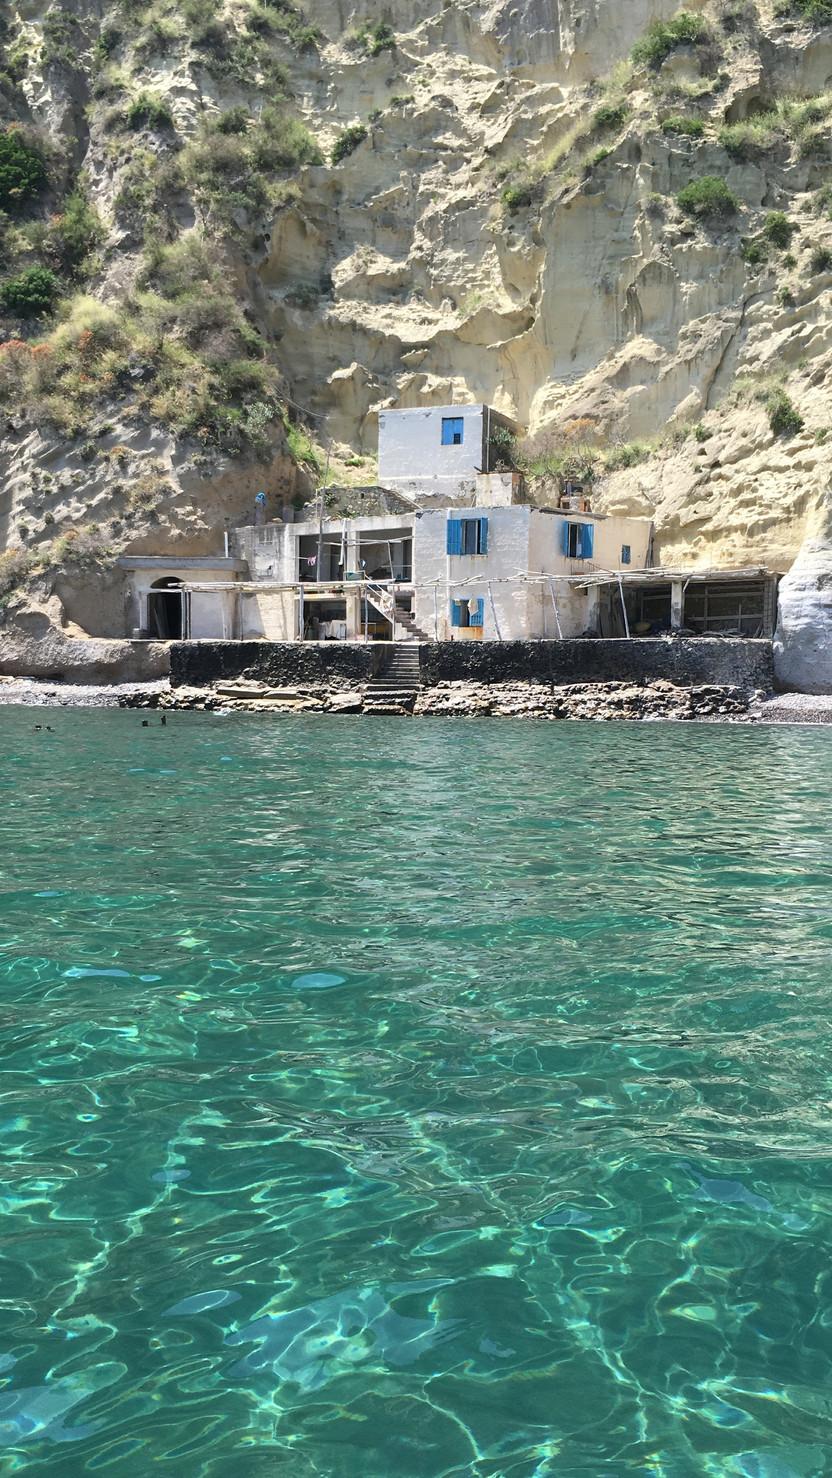 ITALIA. Vacanze italiane: tra borghi e spiagge, in viaggio tra le regioni del Sud